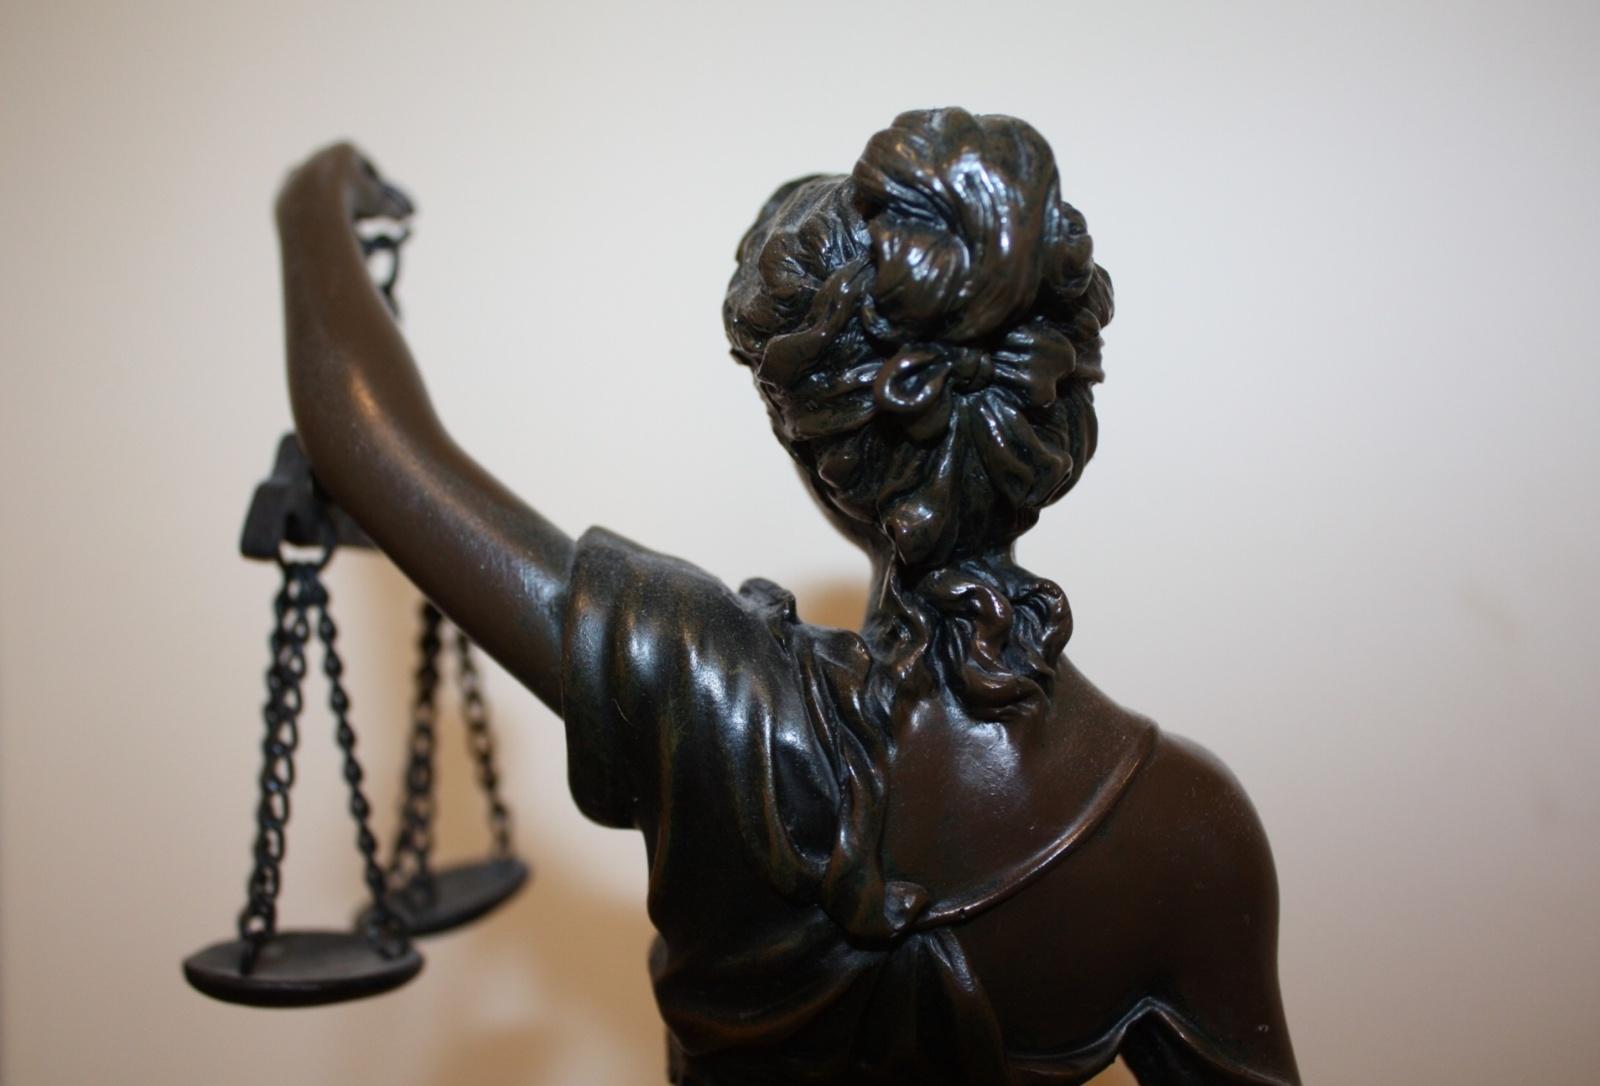 Į prokurorės argumentus atsižvelgta: kontrabandą gabenę vyrai pripažinti kaltais